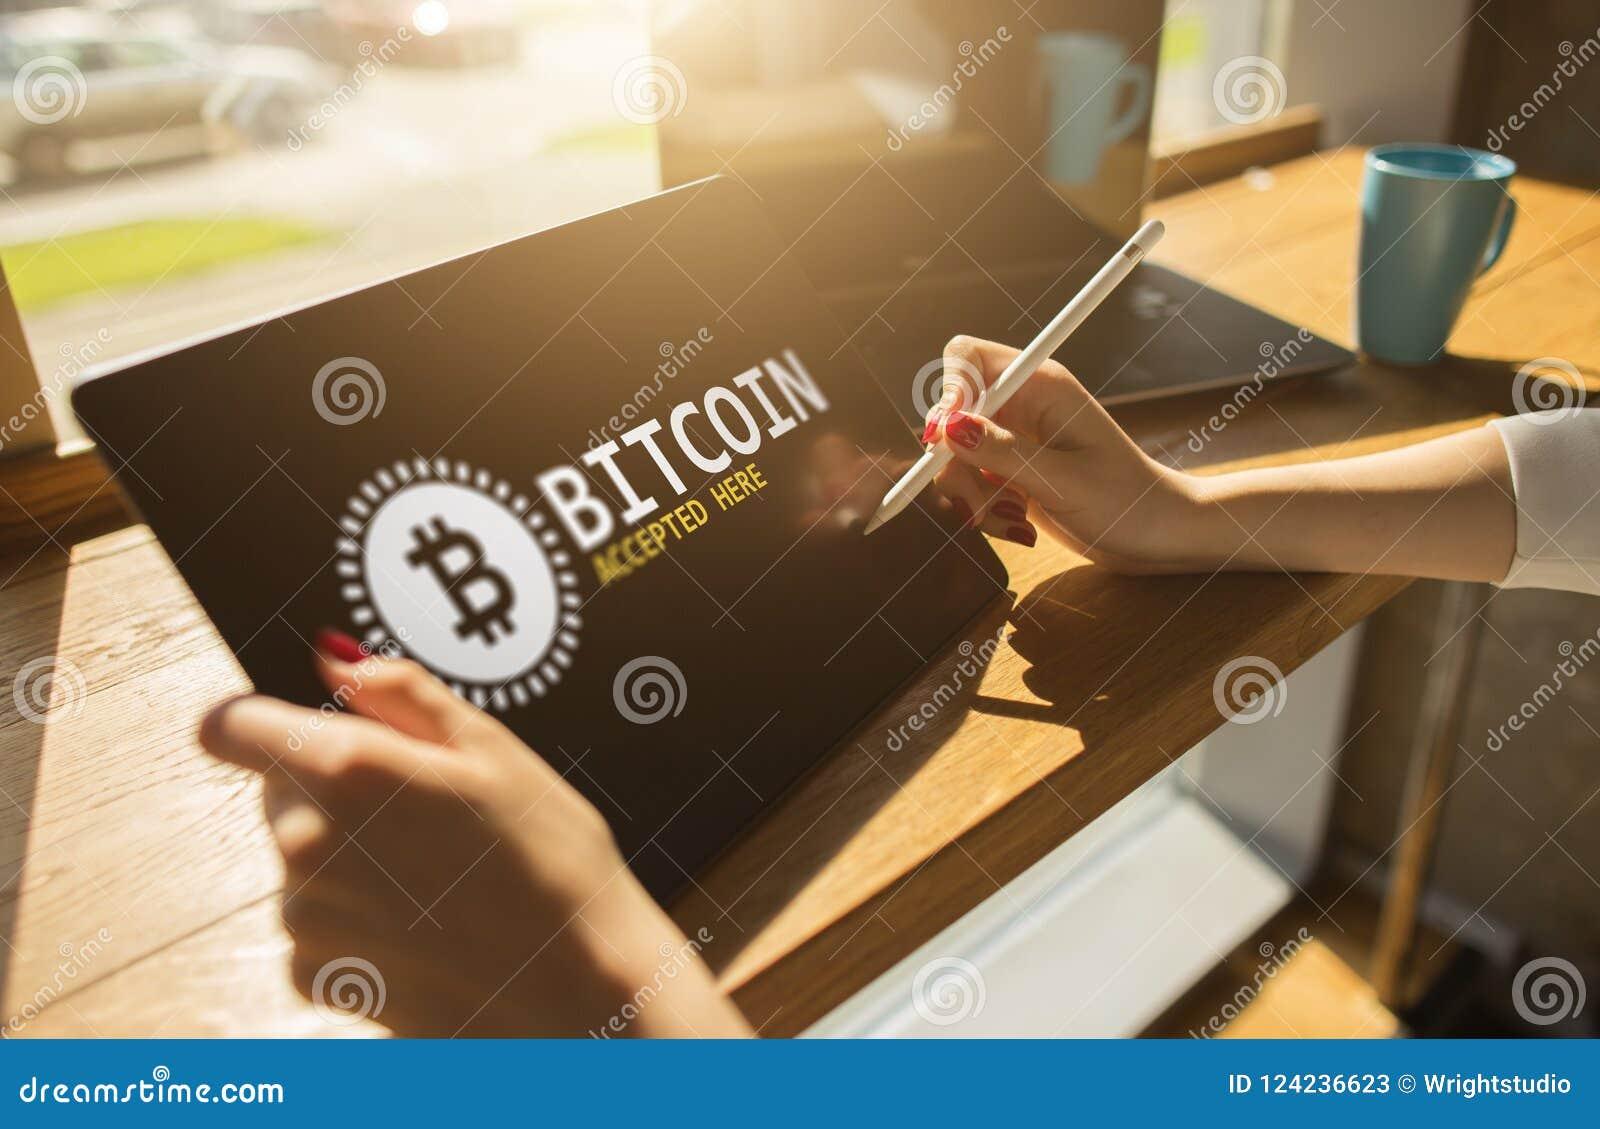 Bitcoin accepterade här tecknet på skärmen E-betalning, Cryptocurrency och finansiellt teknologibegrepp